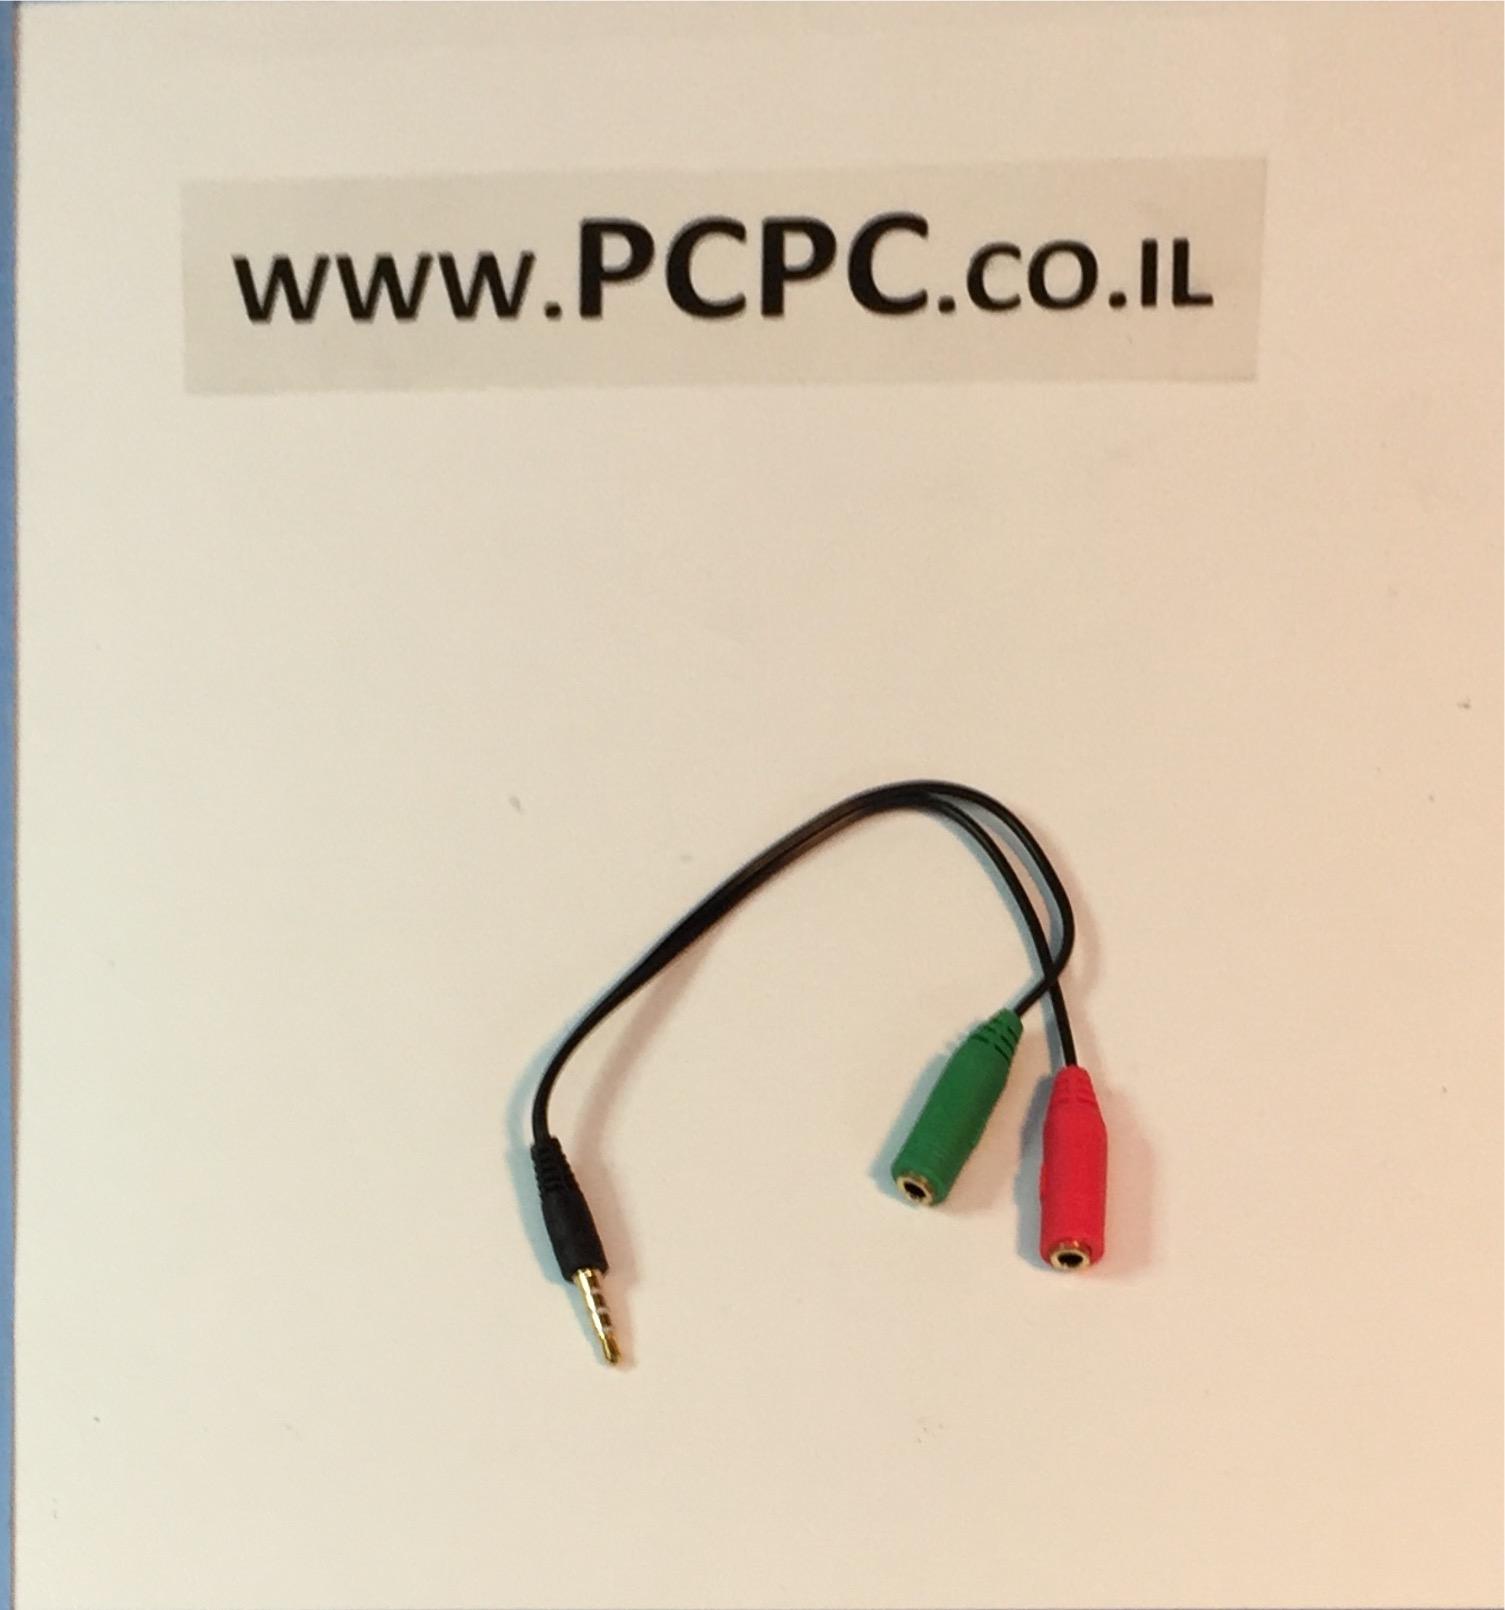 מתאם מאוזניות  מחשב לסלולרי PL3.5  2 PL3.5 נקבה